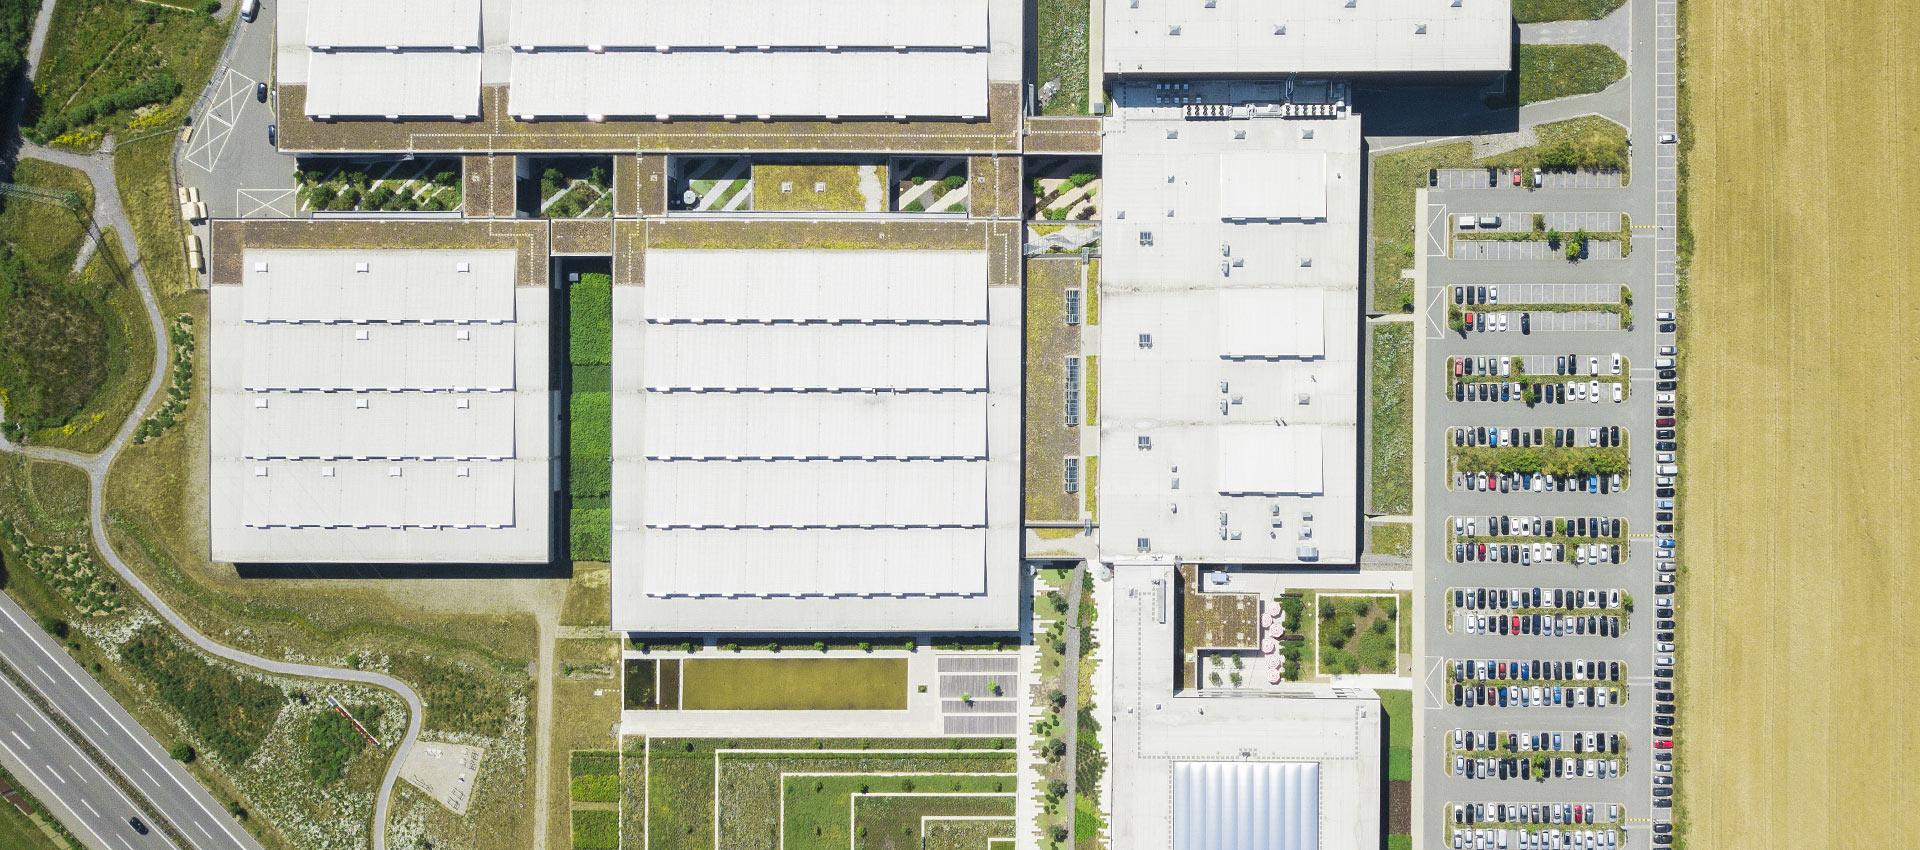 Solarlux & Campus